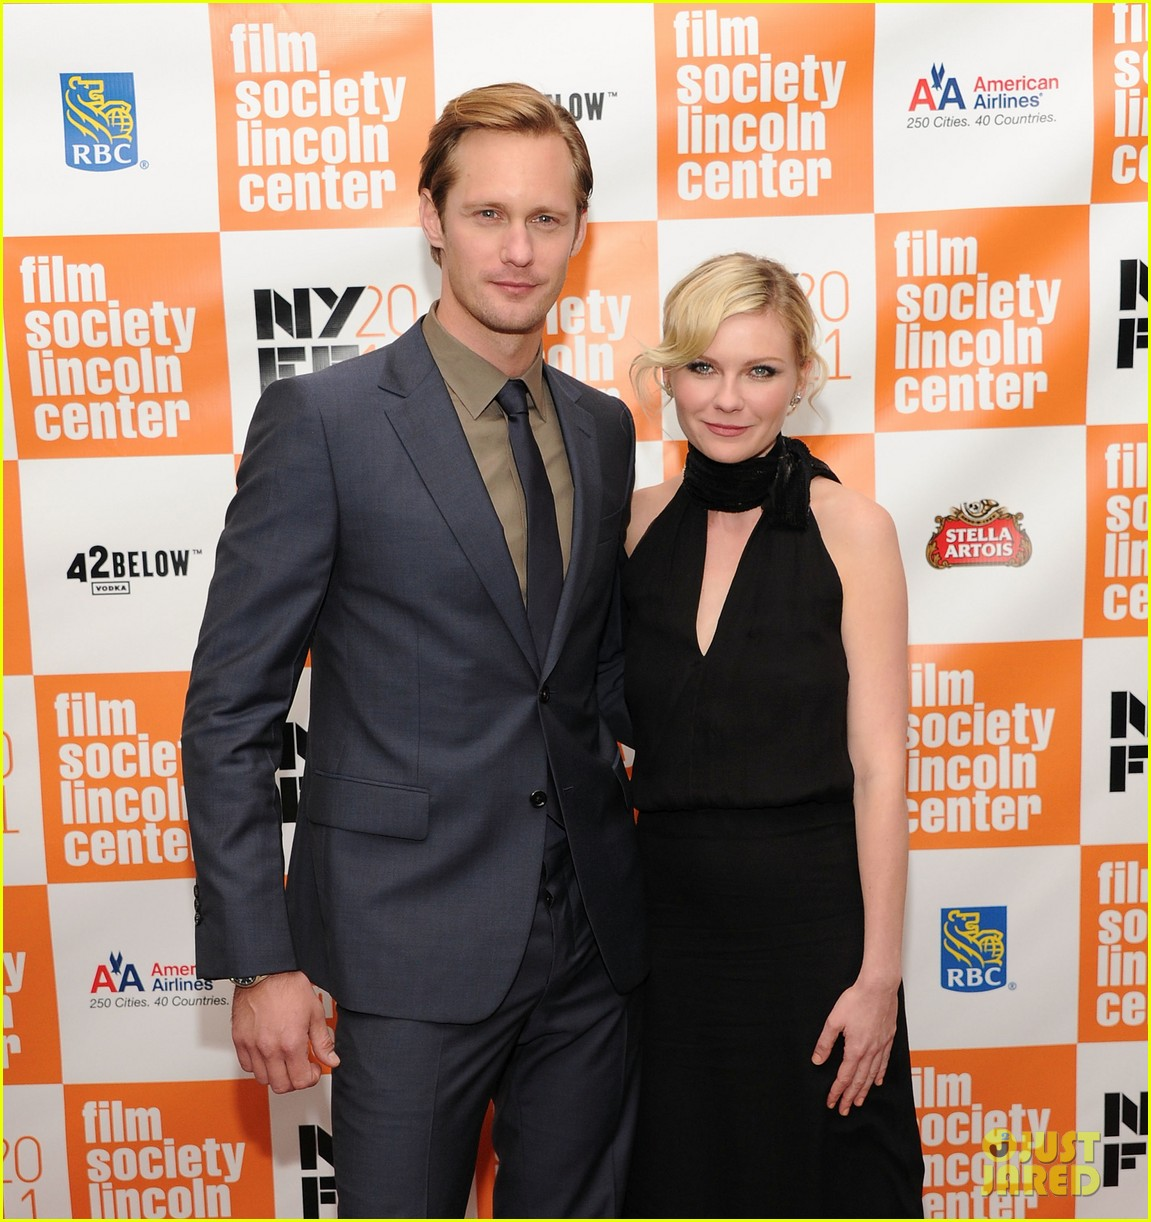 Alexander Skarsgard & Kirsten Dunst @